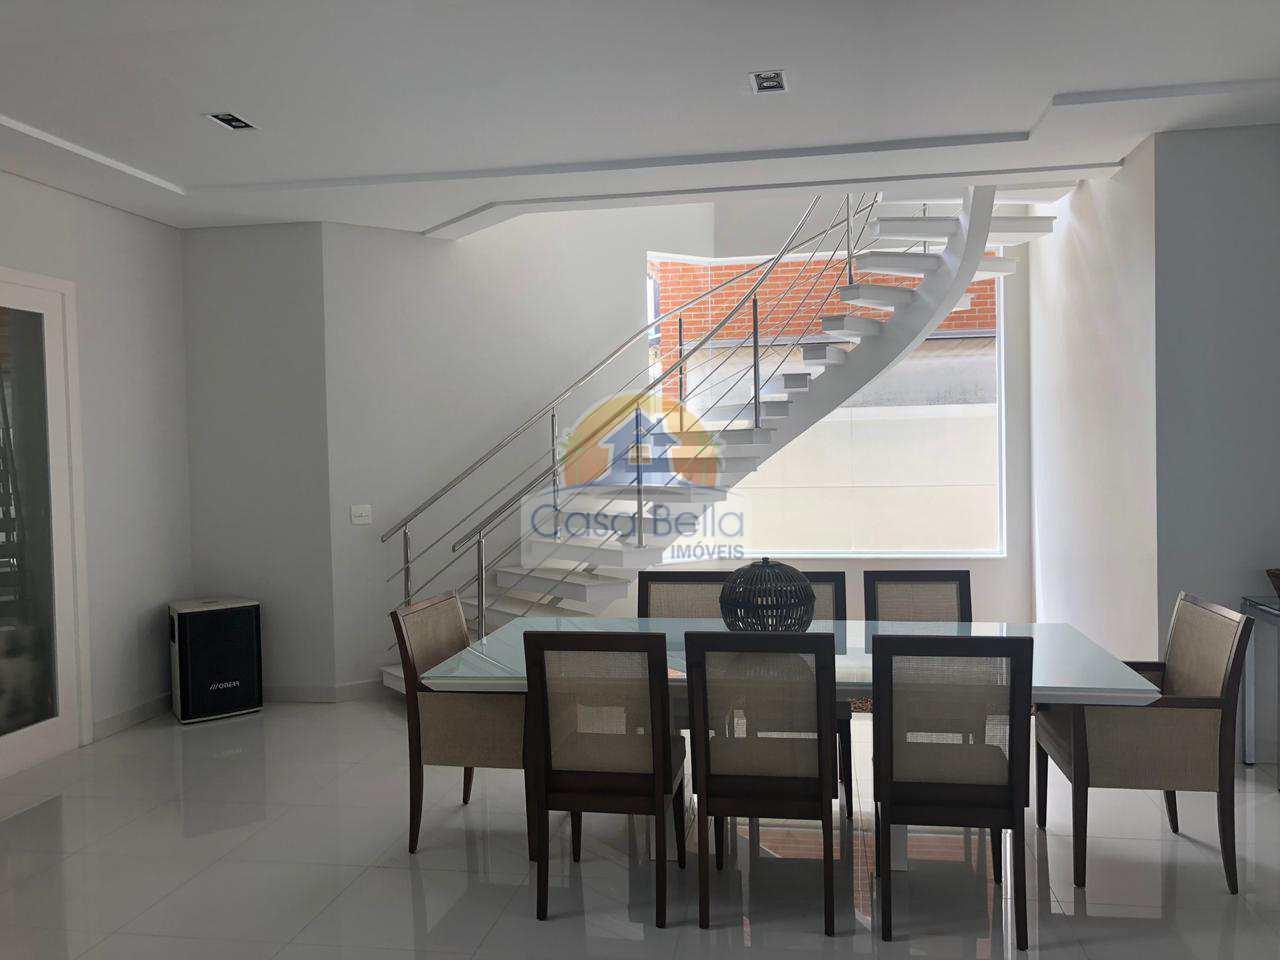 Sobrado de Condomínio com 5 dorms, Acapulco, Guarujá - R$ 3.2 mi, Cod: 1679